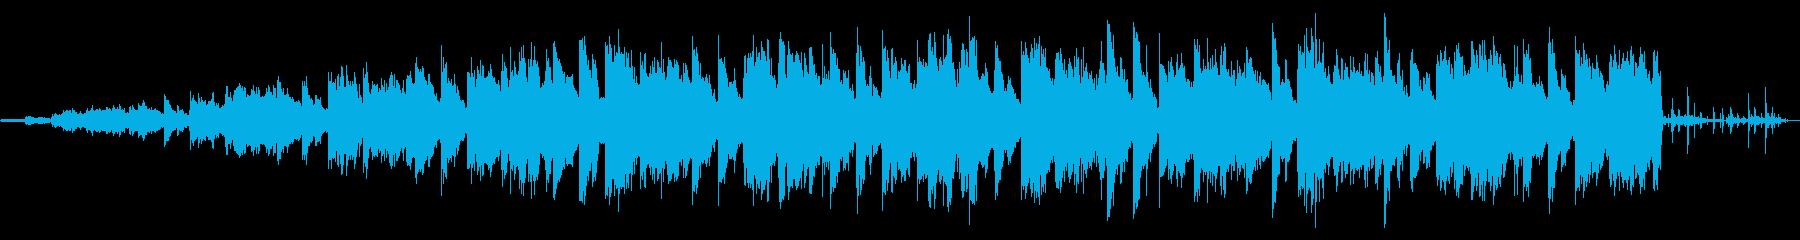 印象的なエレピのリフとブラスのチルアウトの再生済みの波形